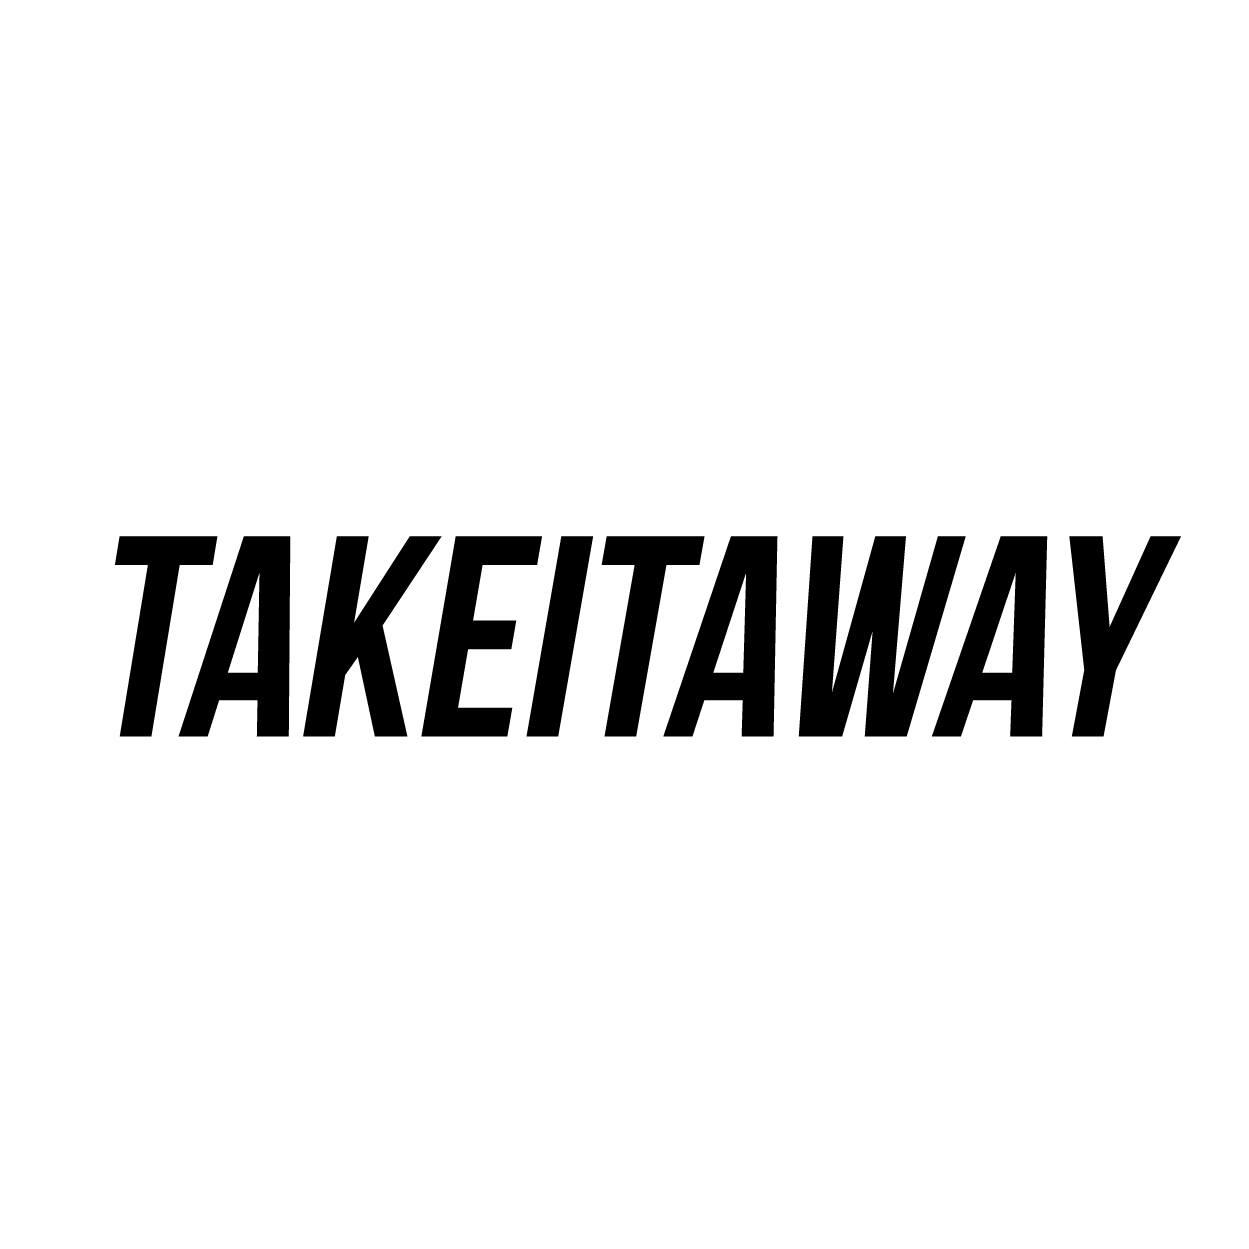 takeitaway